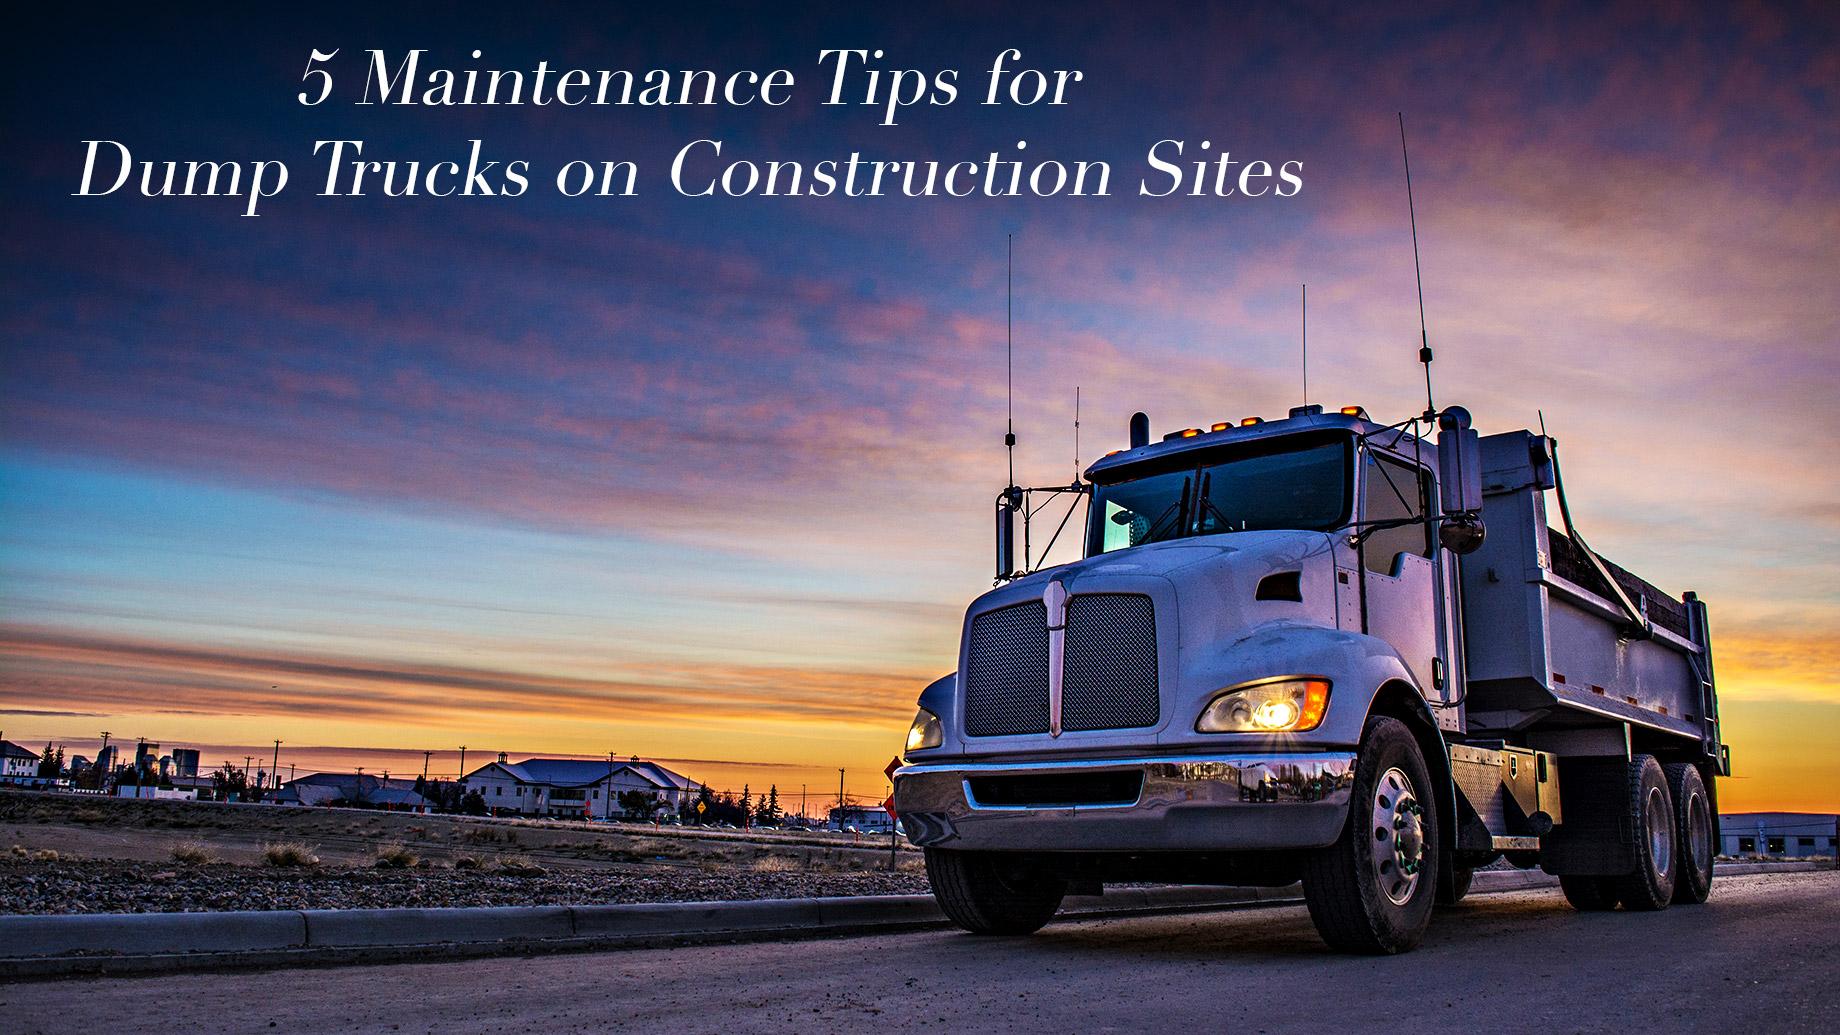 5 Maintenance Tips for Dump Trucks on Construction Sites